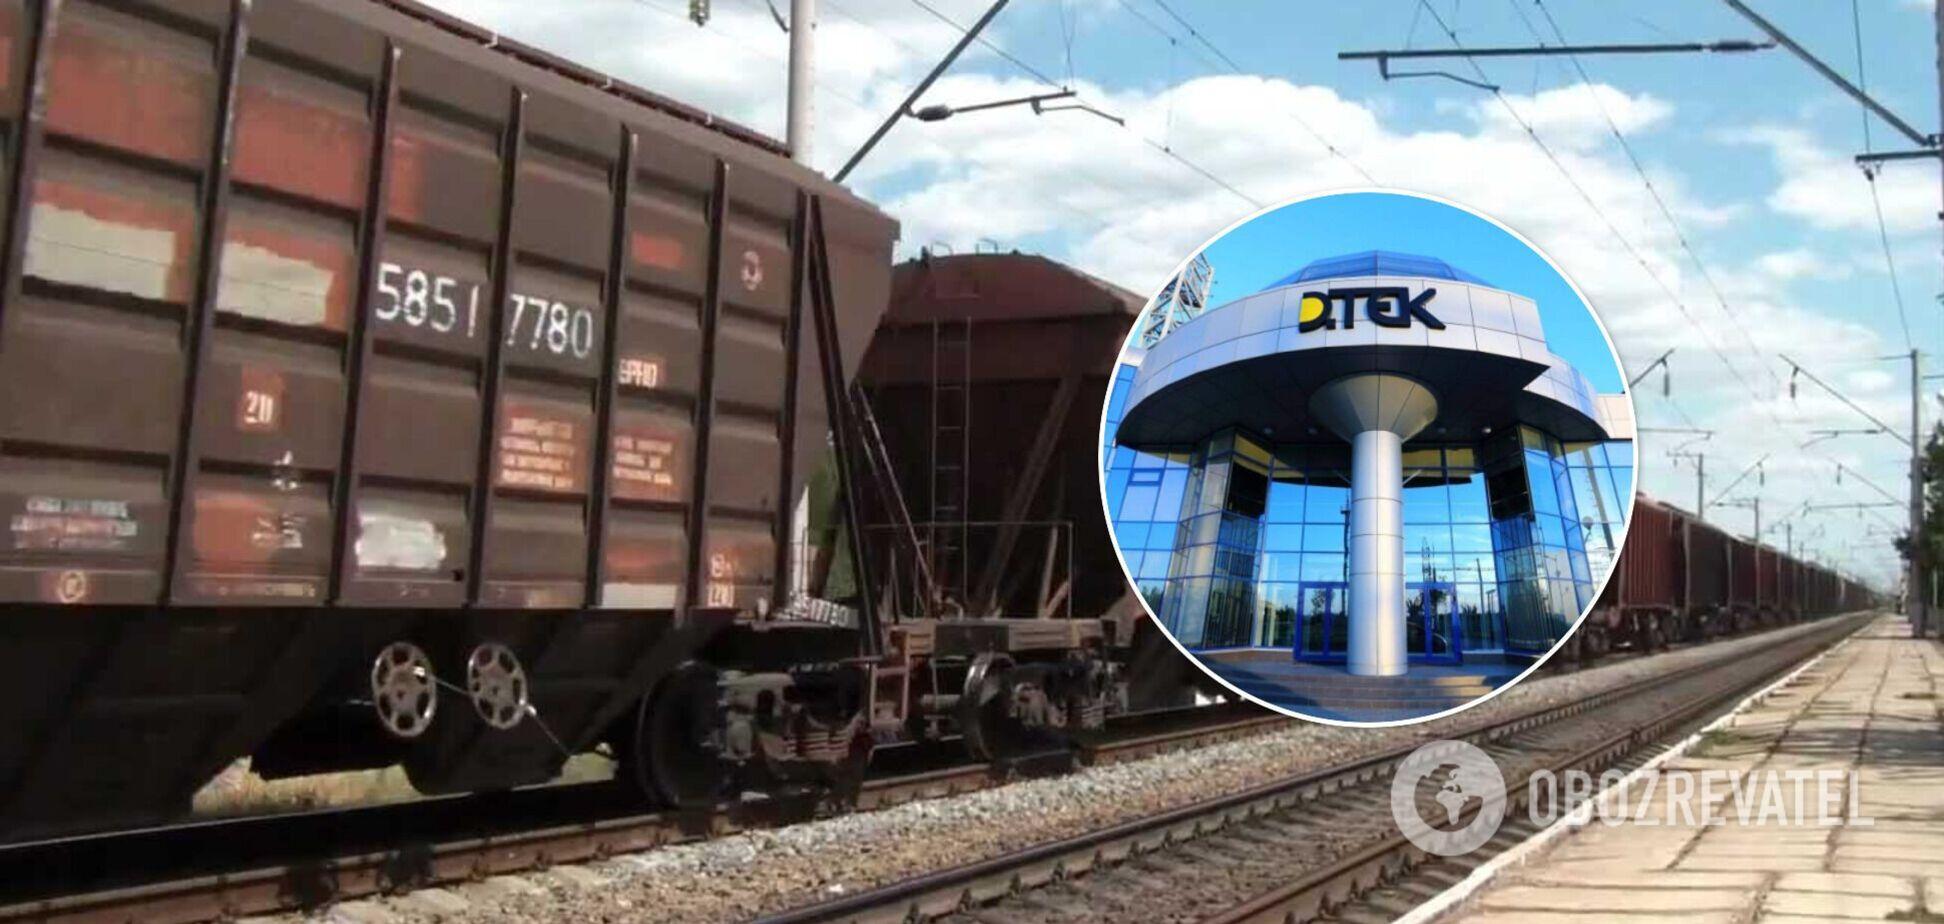 Підвищення залізничних тарифів на перевезення вугілля поглибить кризу в енергетиці – ДТЕК